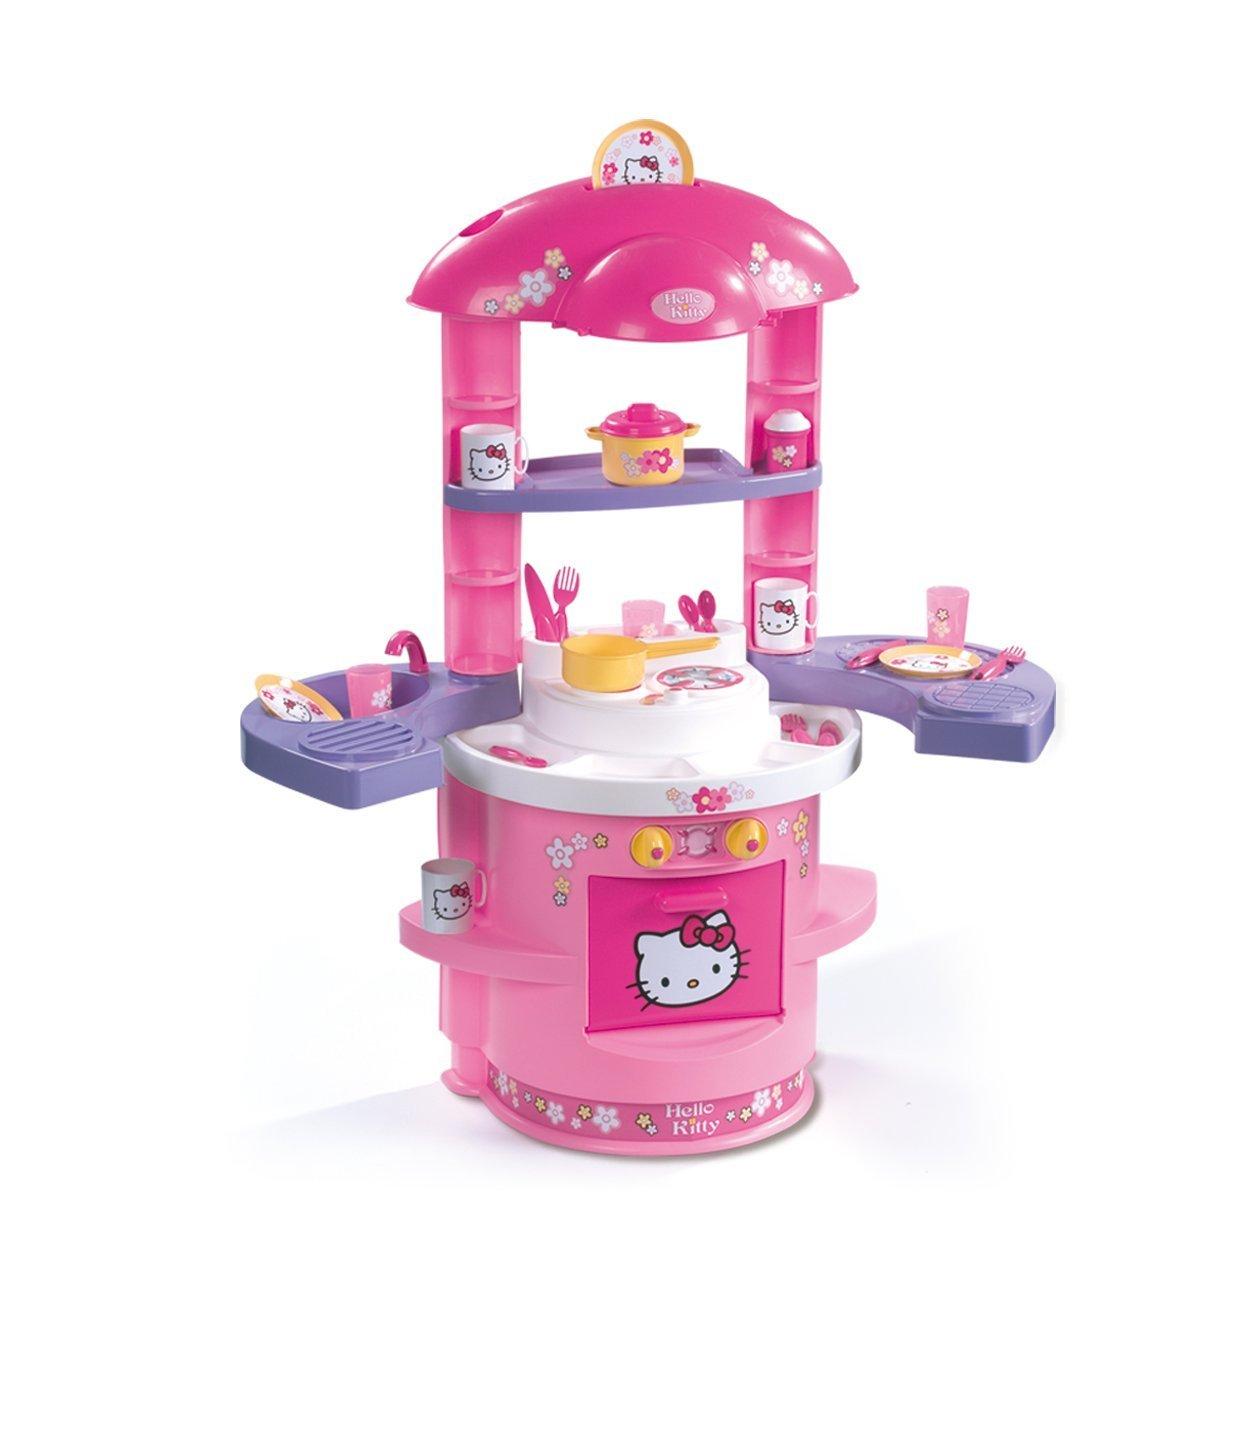 Smoby Hello Kitty Kitchen 24470: Amazon.co.uk: Toys & Games